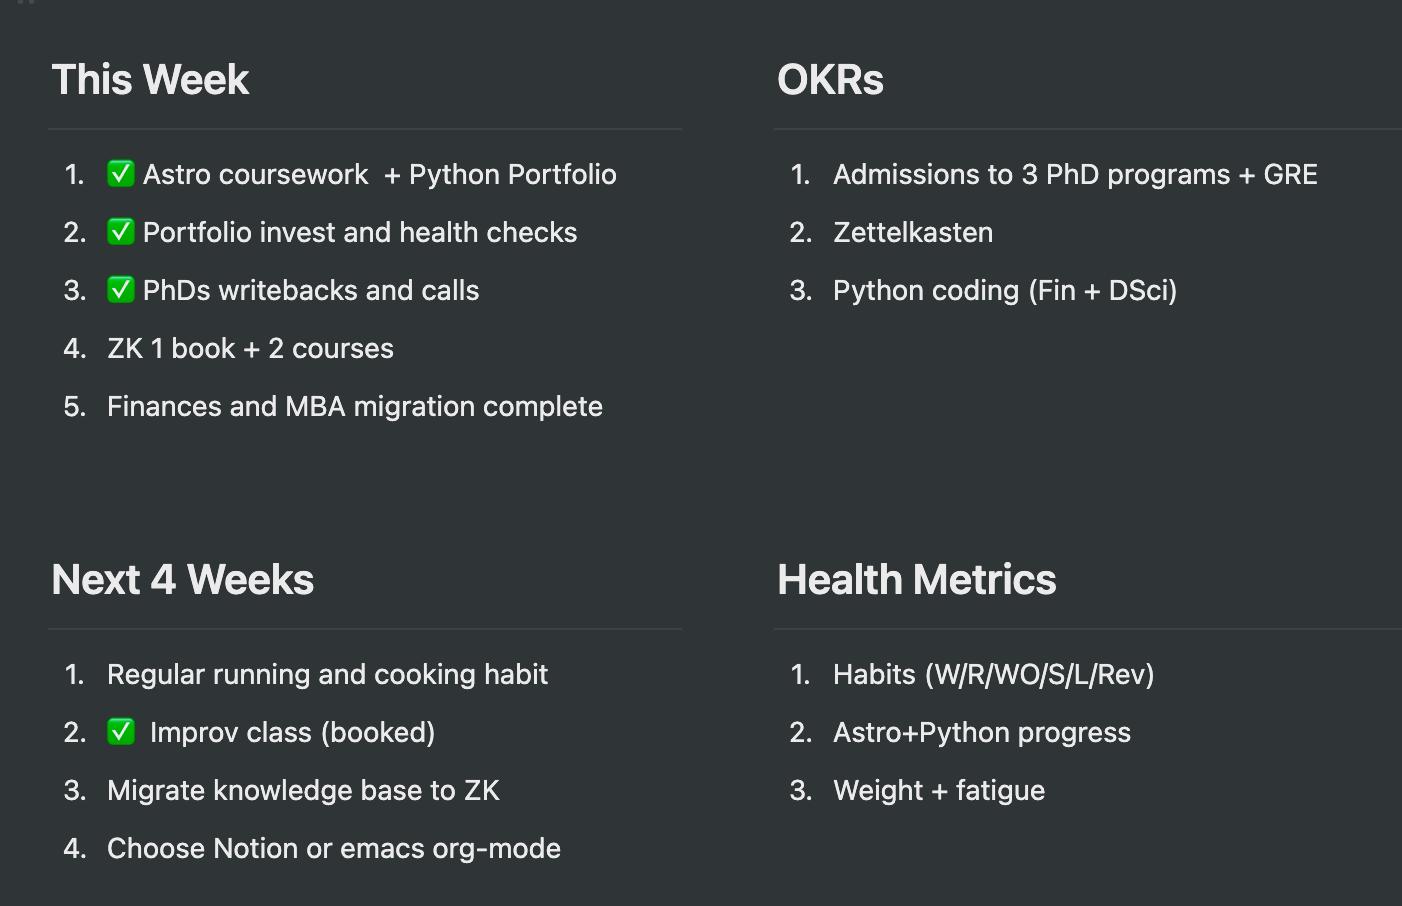 Weekly OKR Quad